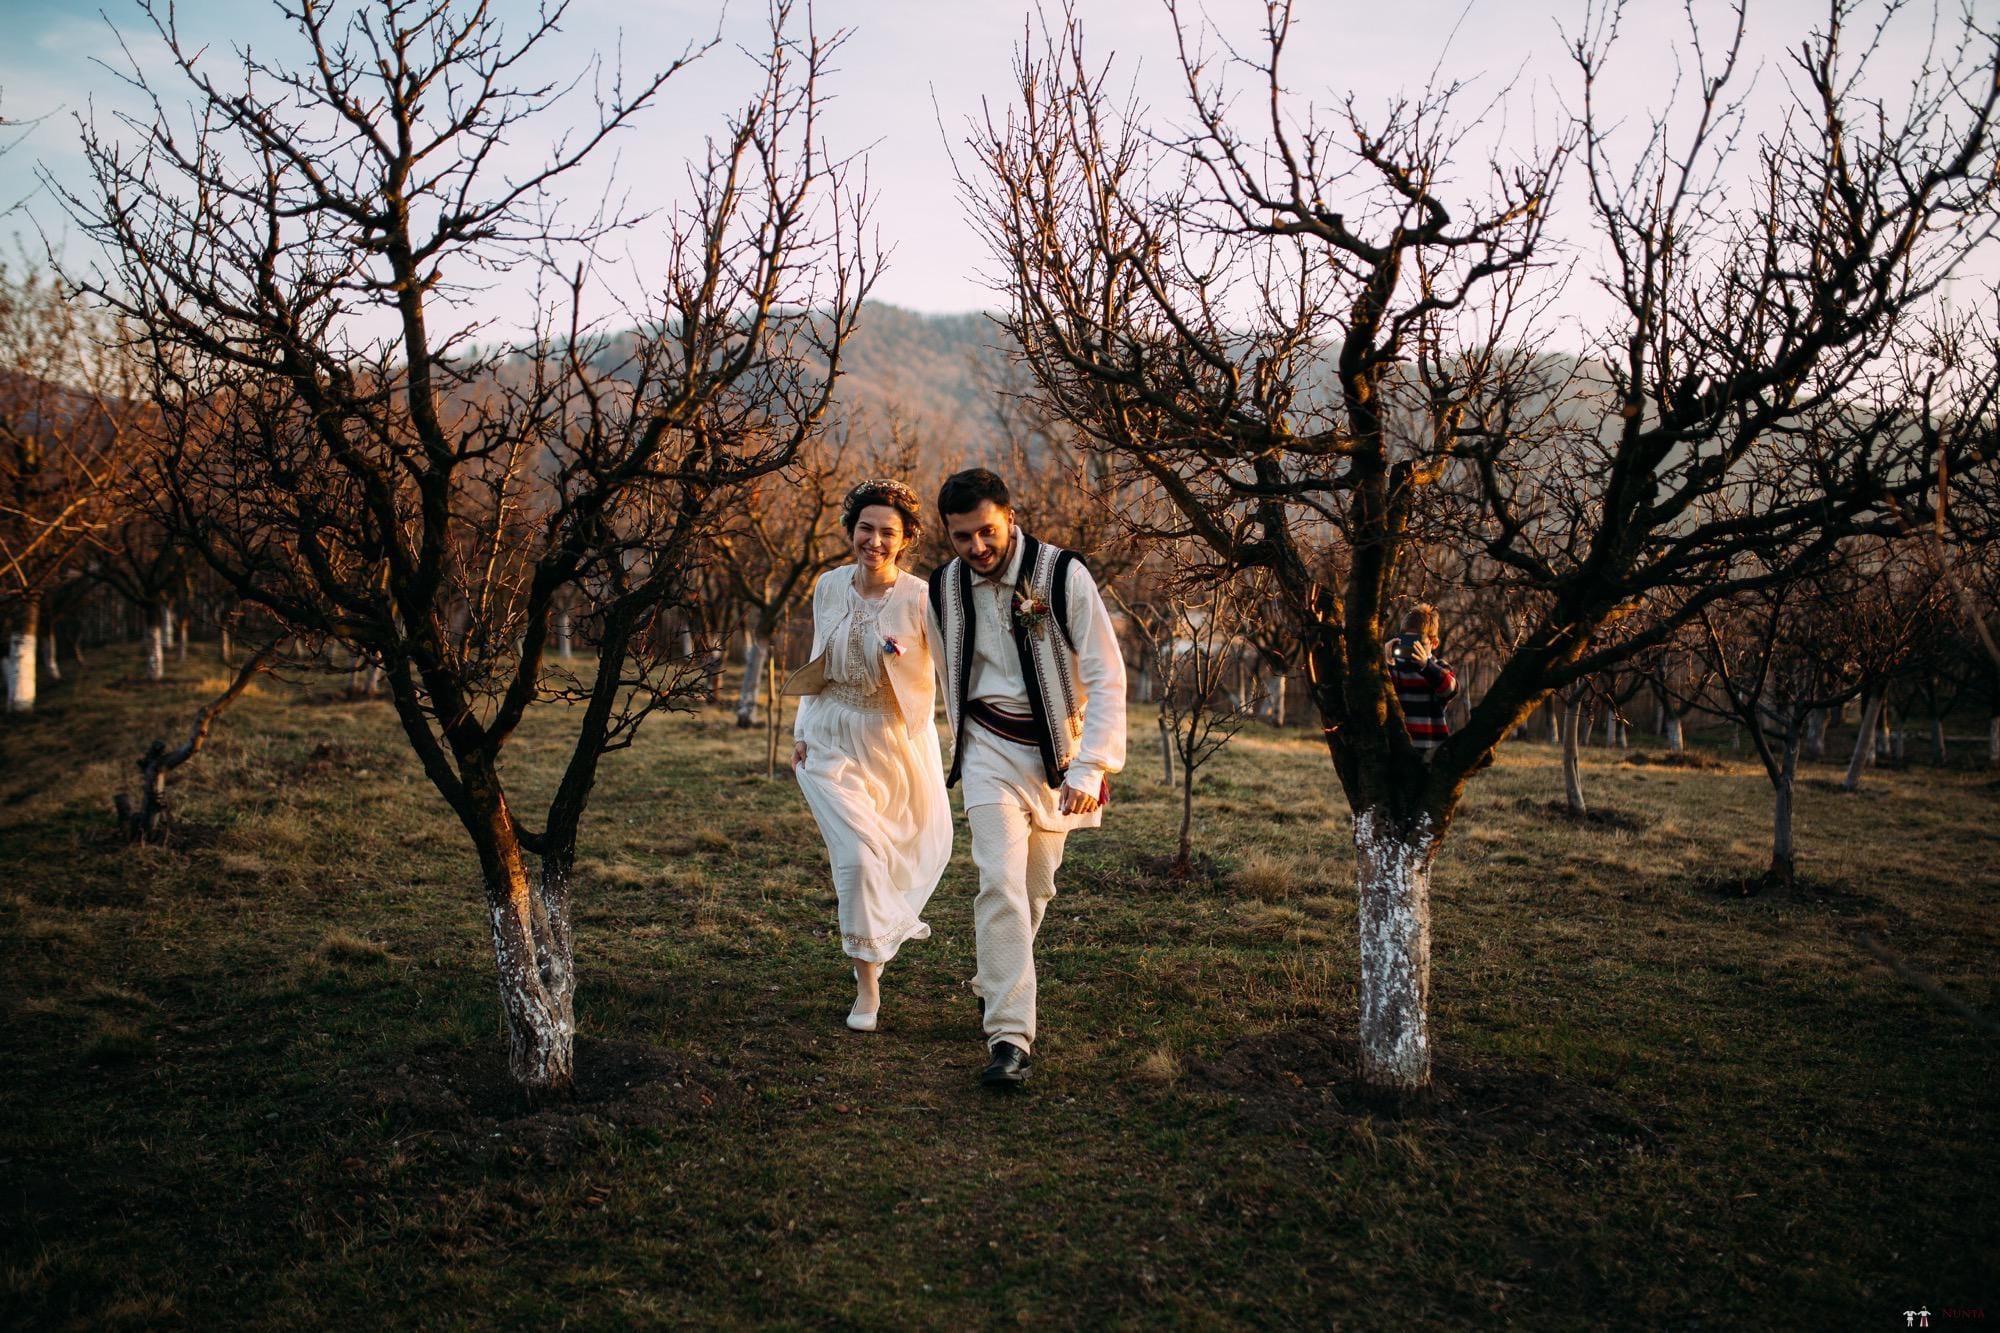 Povești Nunți Tradiționale - Gabriela și Adrian. Nuntă tradițională în Piatra Neamț 47